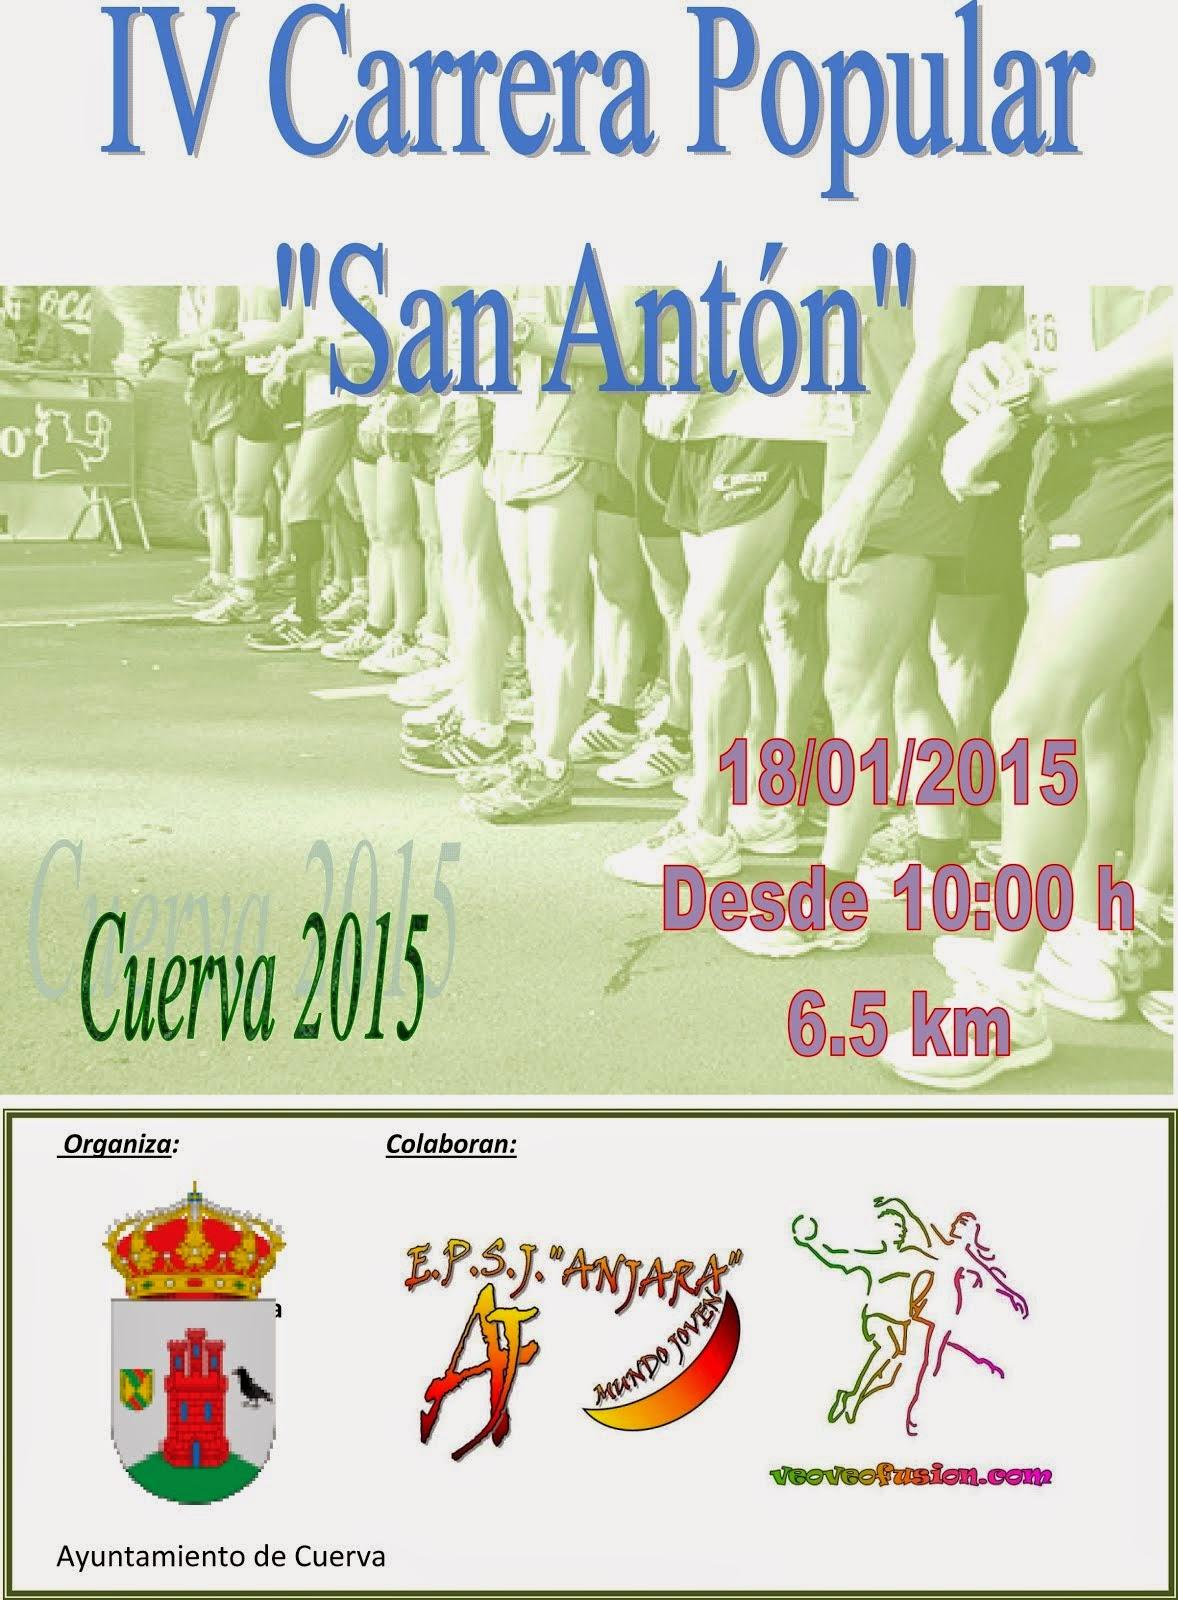 IV Carrera Popular de San Antón, de Cuerva